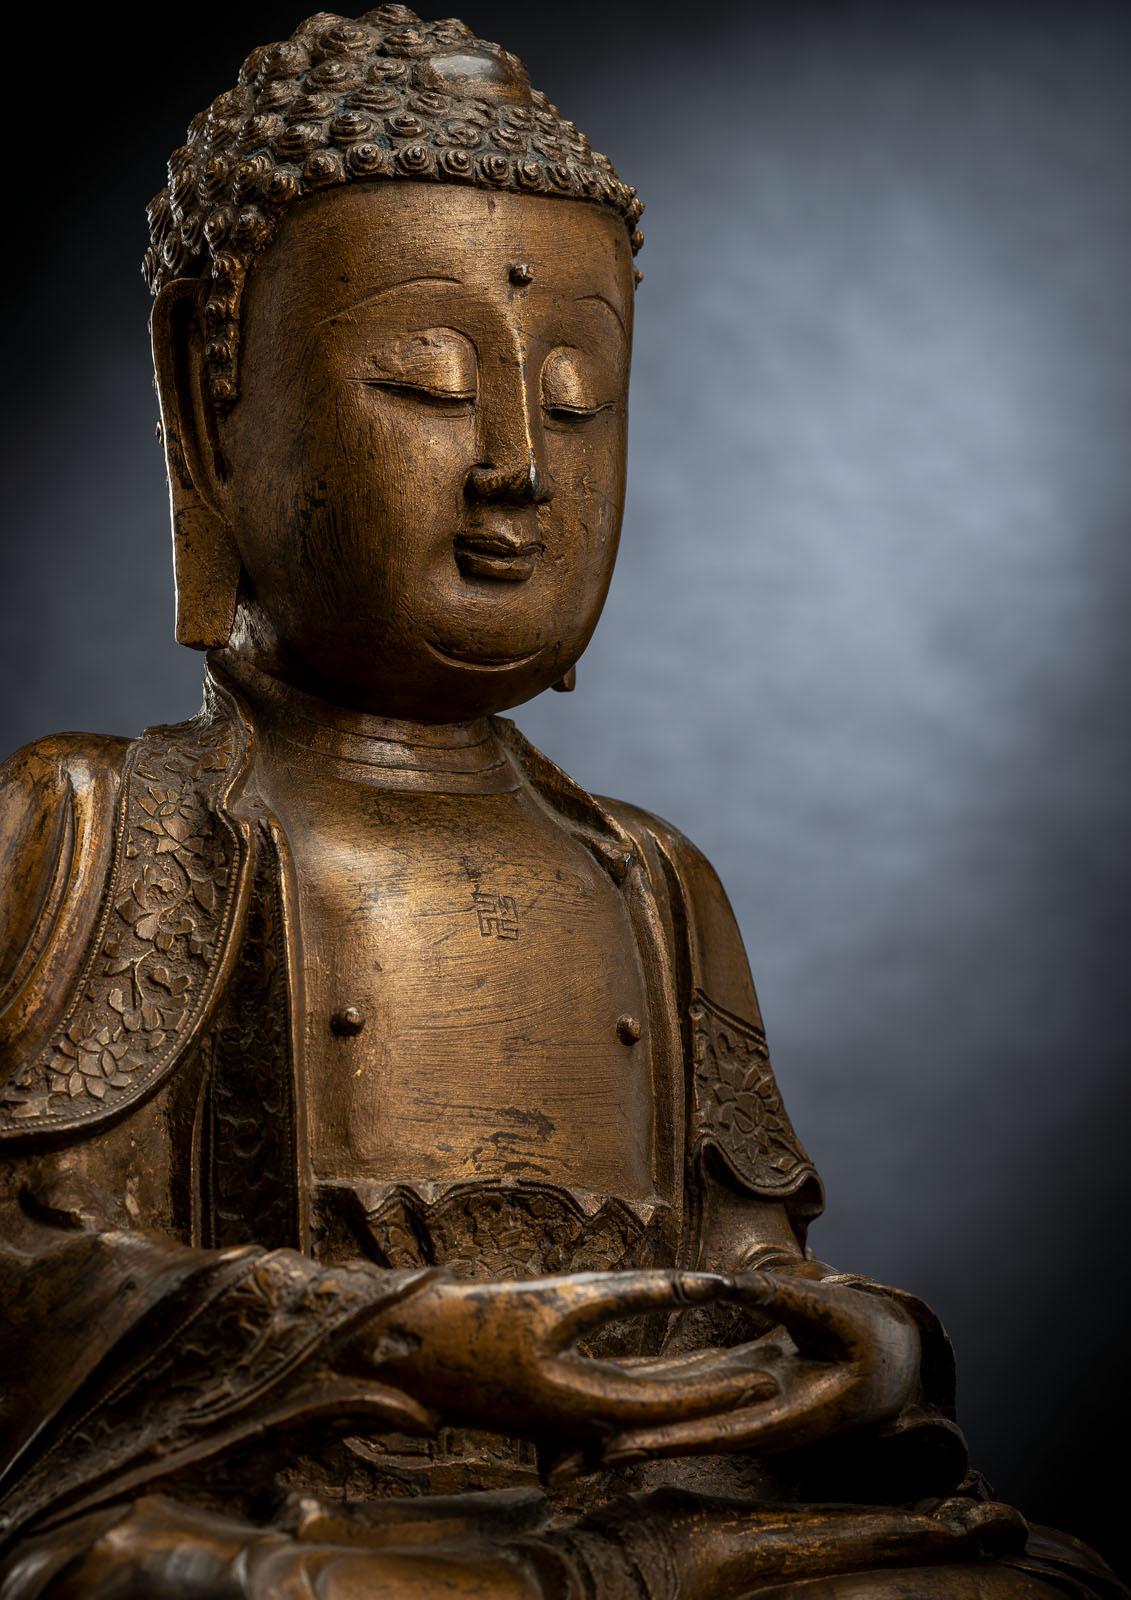 A GILT-LACQUERED BRONZE FIGURE OF BUDDHA SHAKYAMUNI - Image 2 of 2